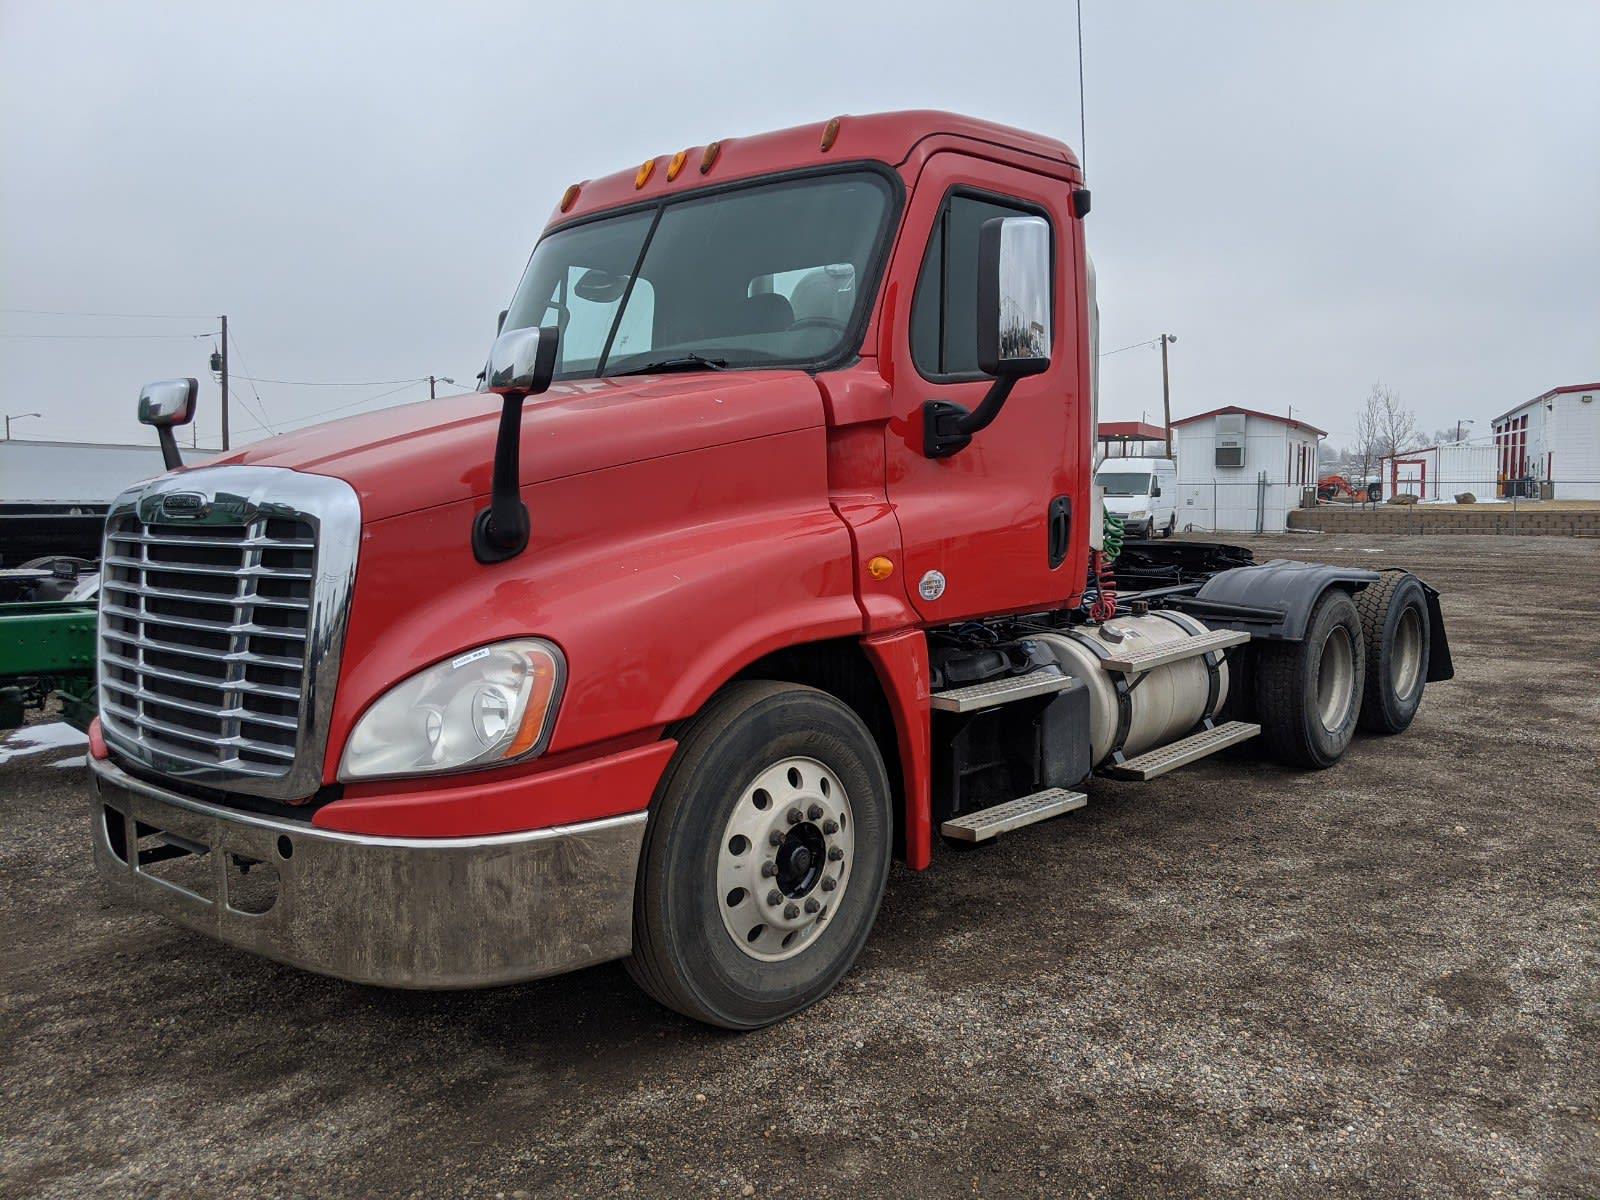 2014 Freightliner Truck 6x4, Tractor #533399 - photo 1